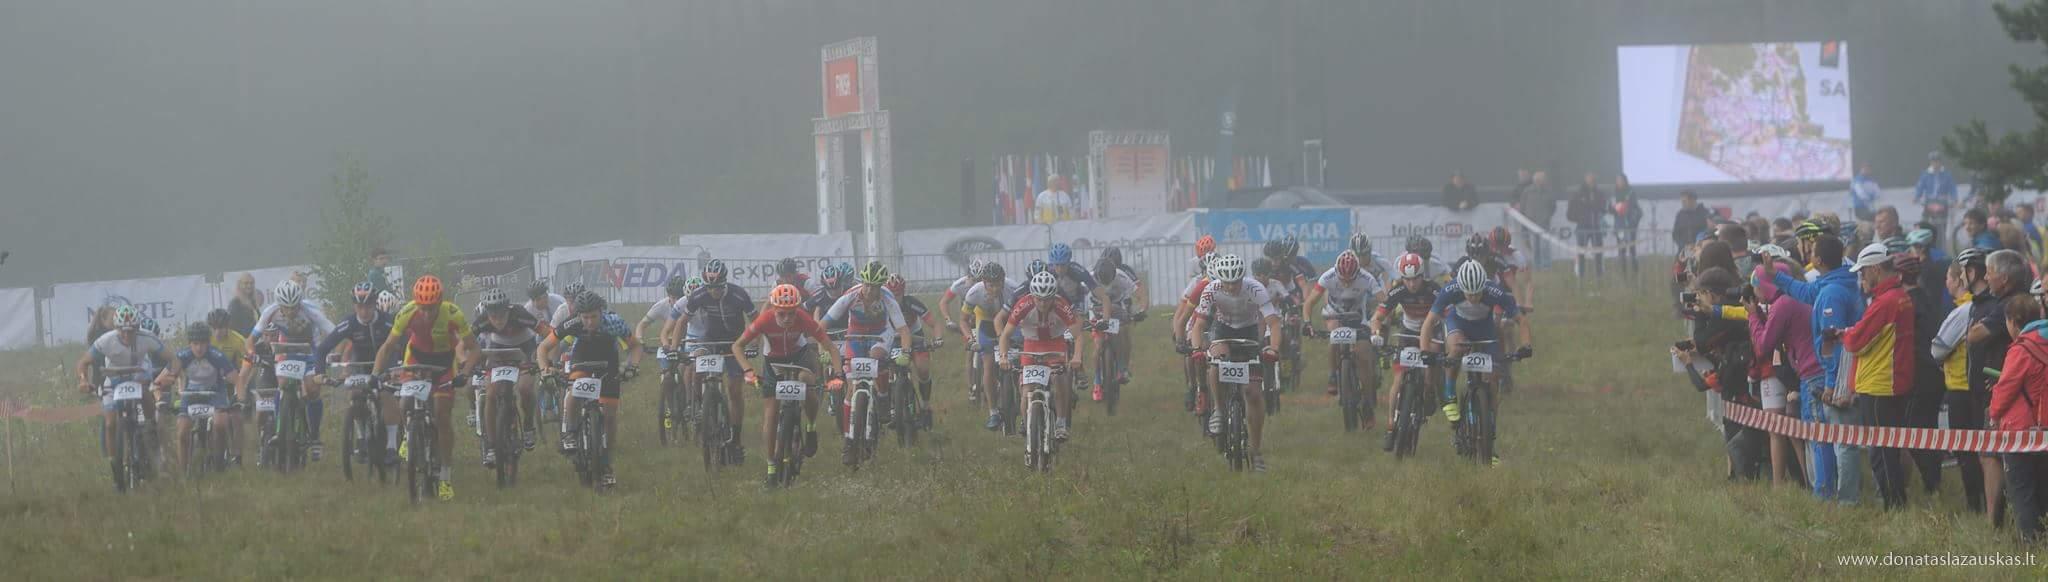 Mass start (Donatas Lazauskas)